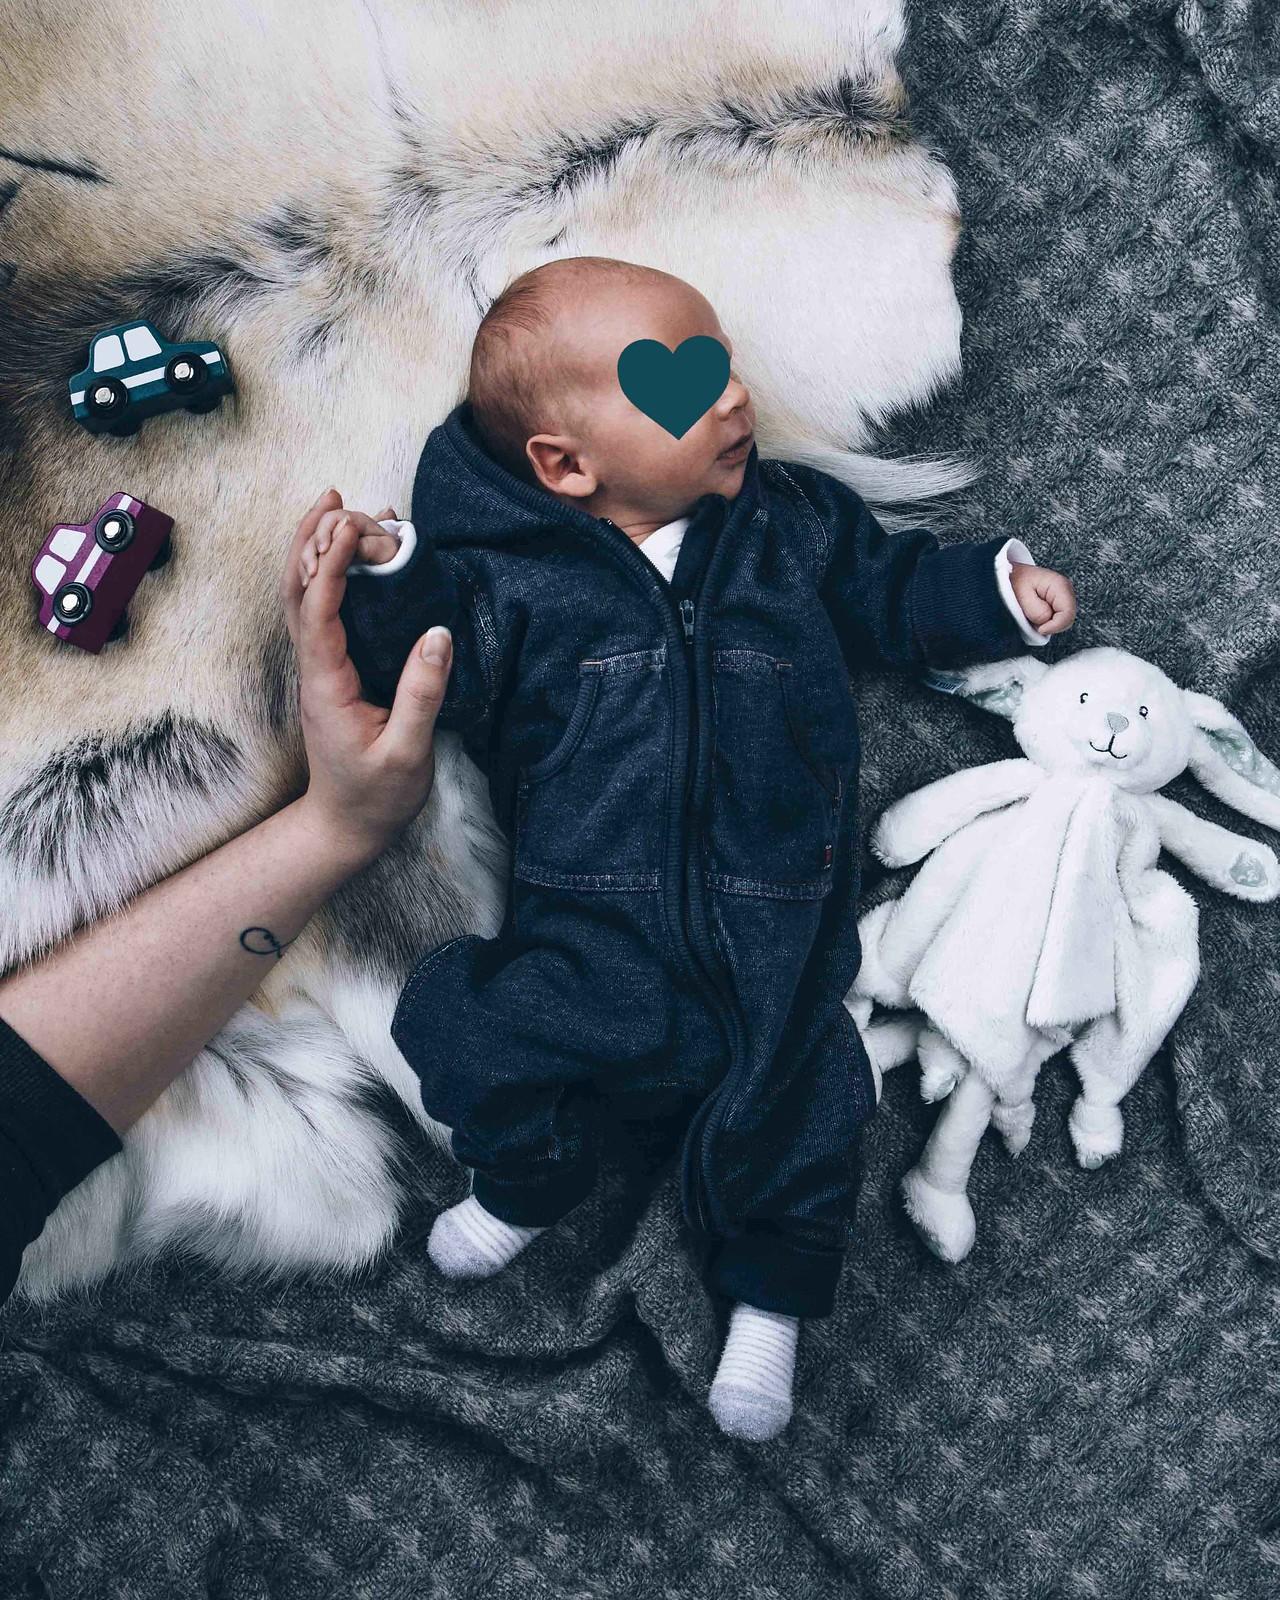 Baby_3_viikkoa2_IMG_7357 copy